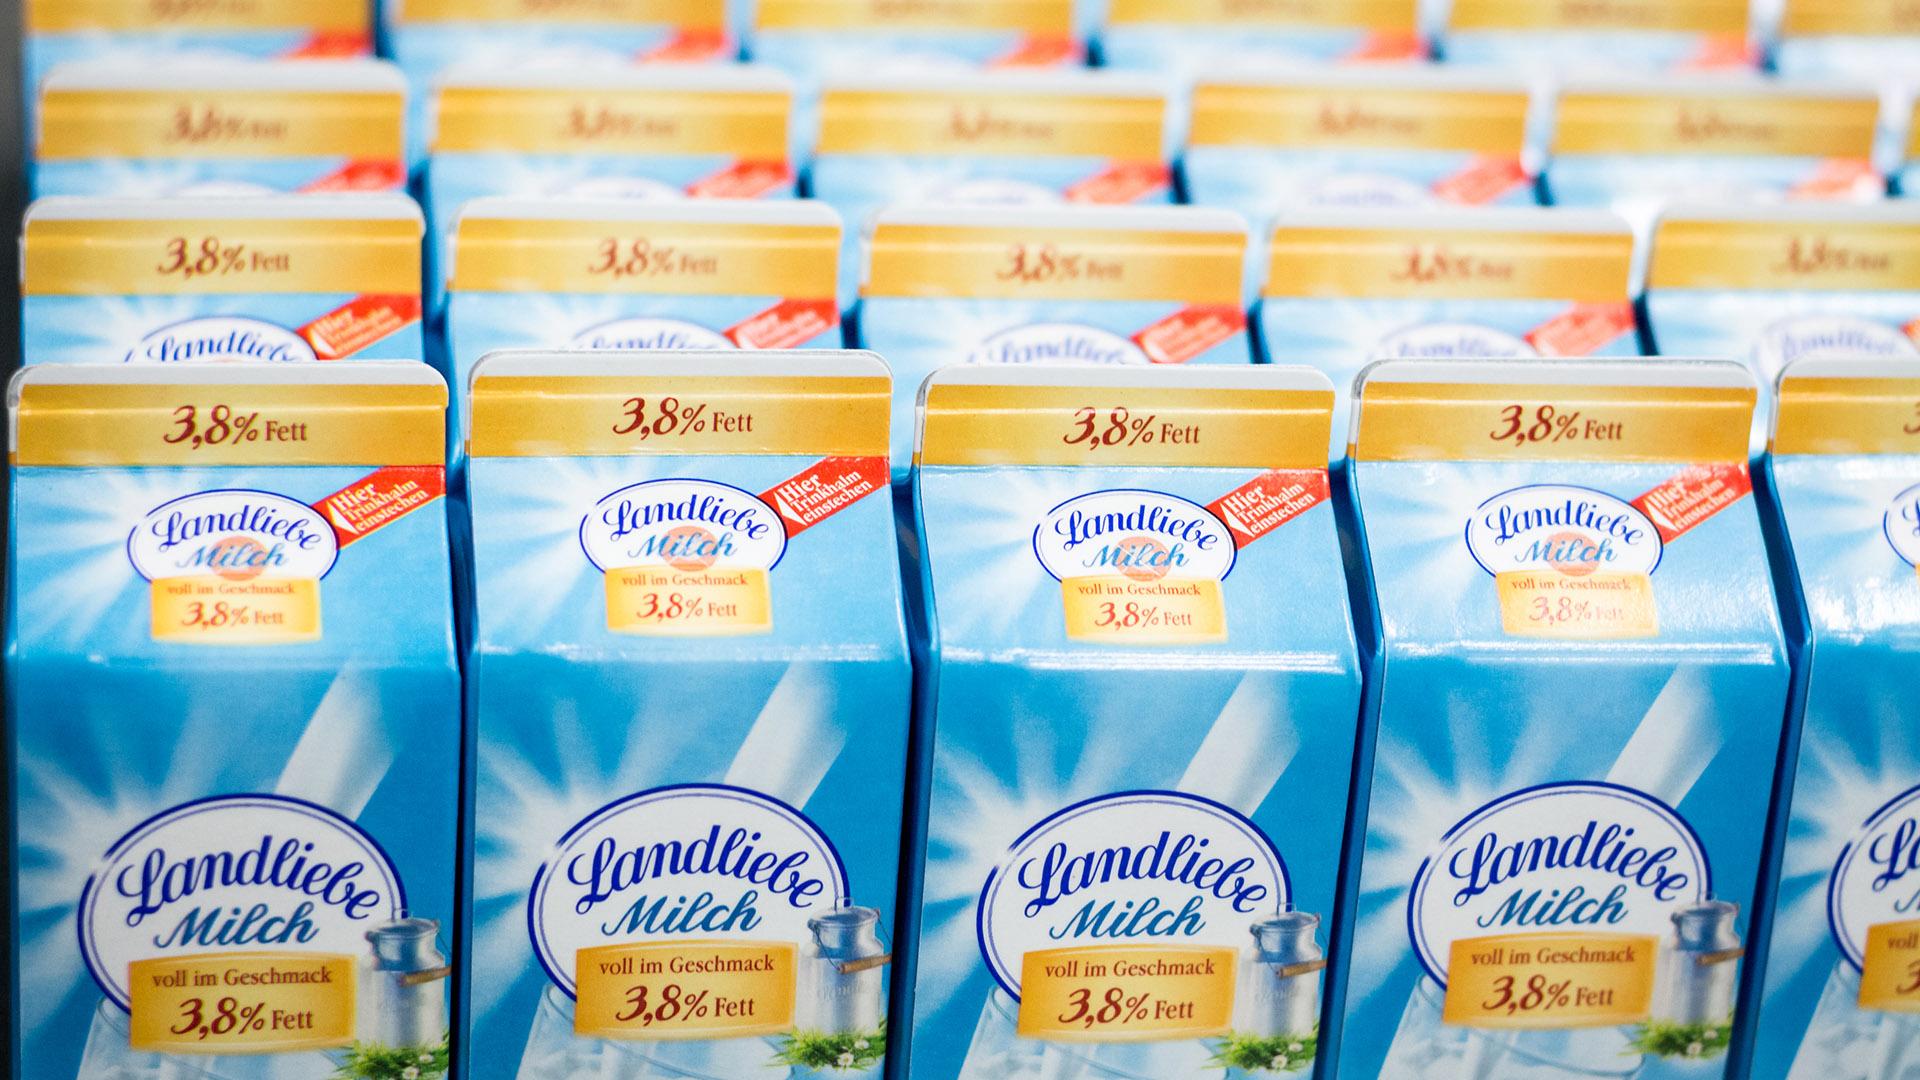 Stenkamp Milchtüte Schulmilch bestellen Logistik Milchbestellungen Borken Duisburg Lebensmittel Lager Transport